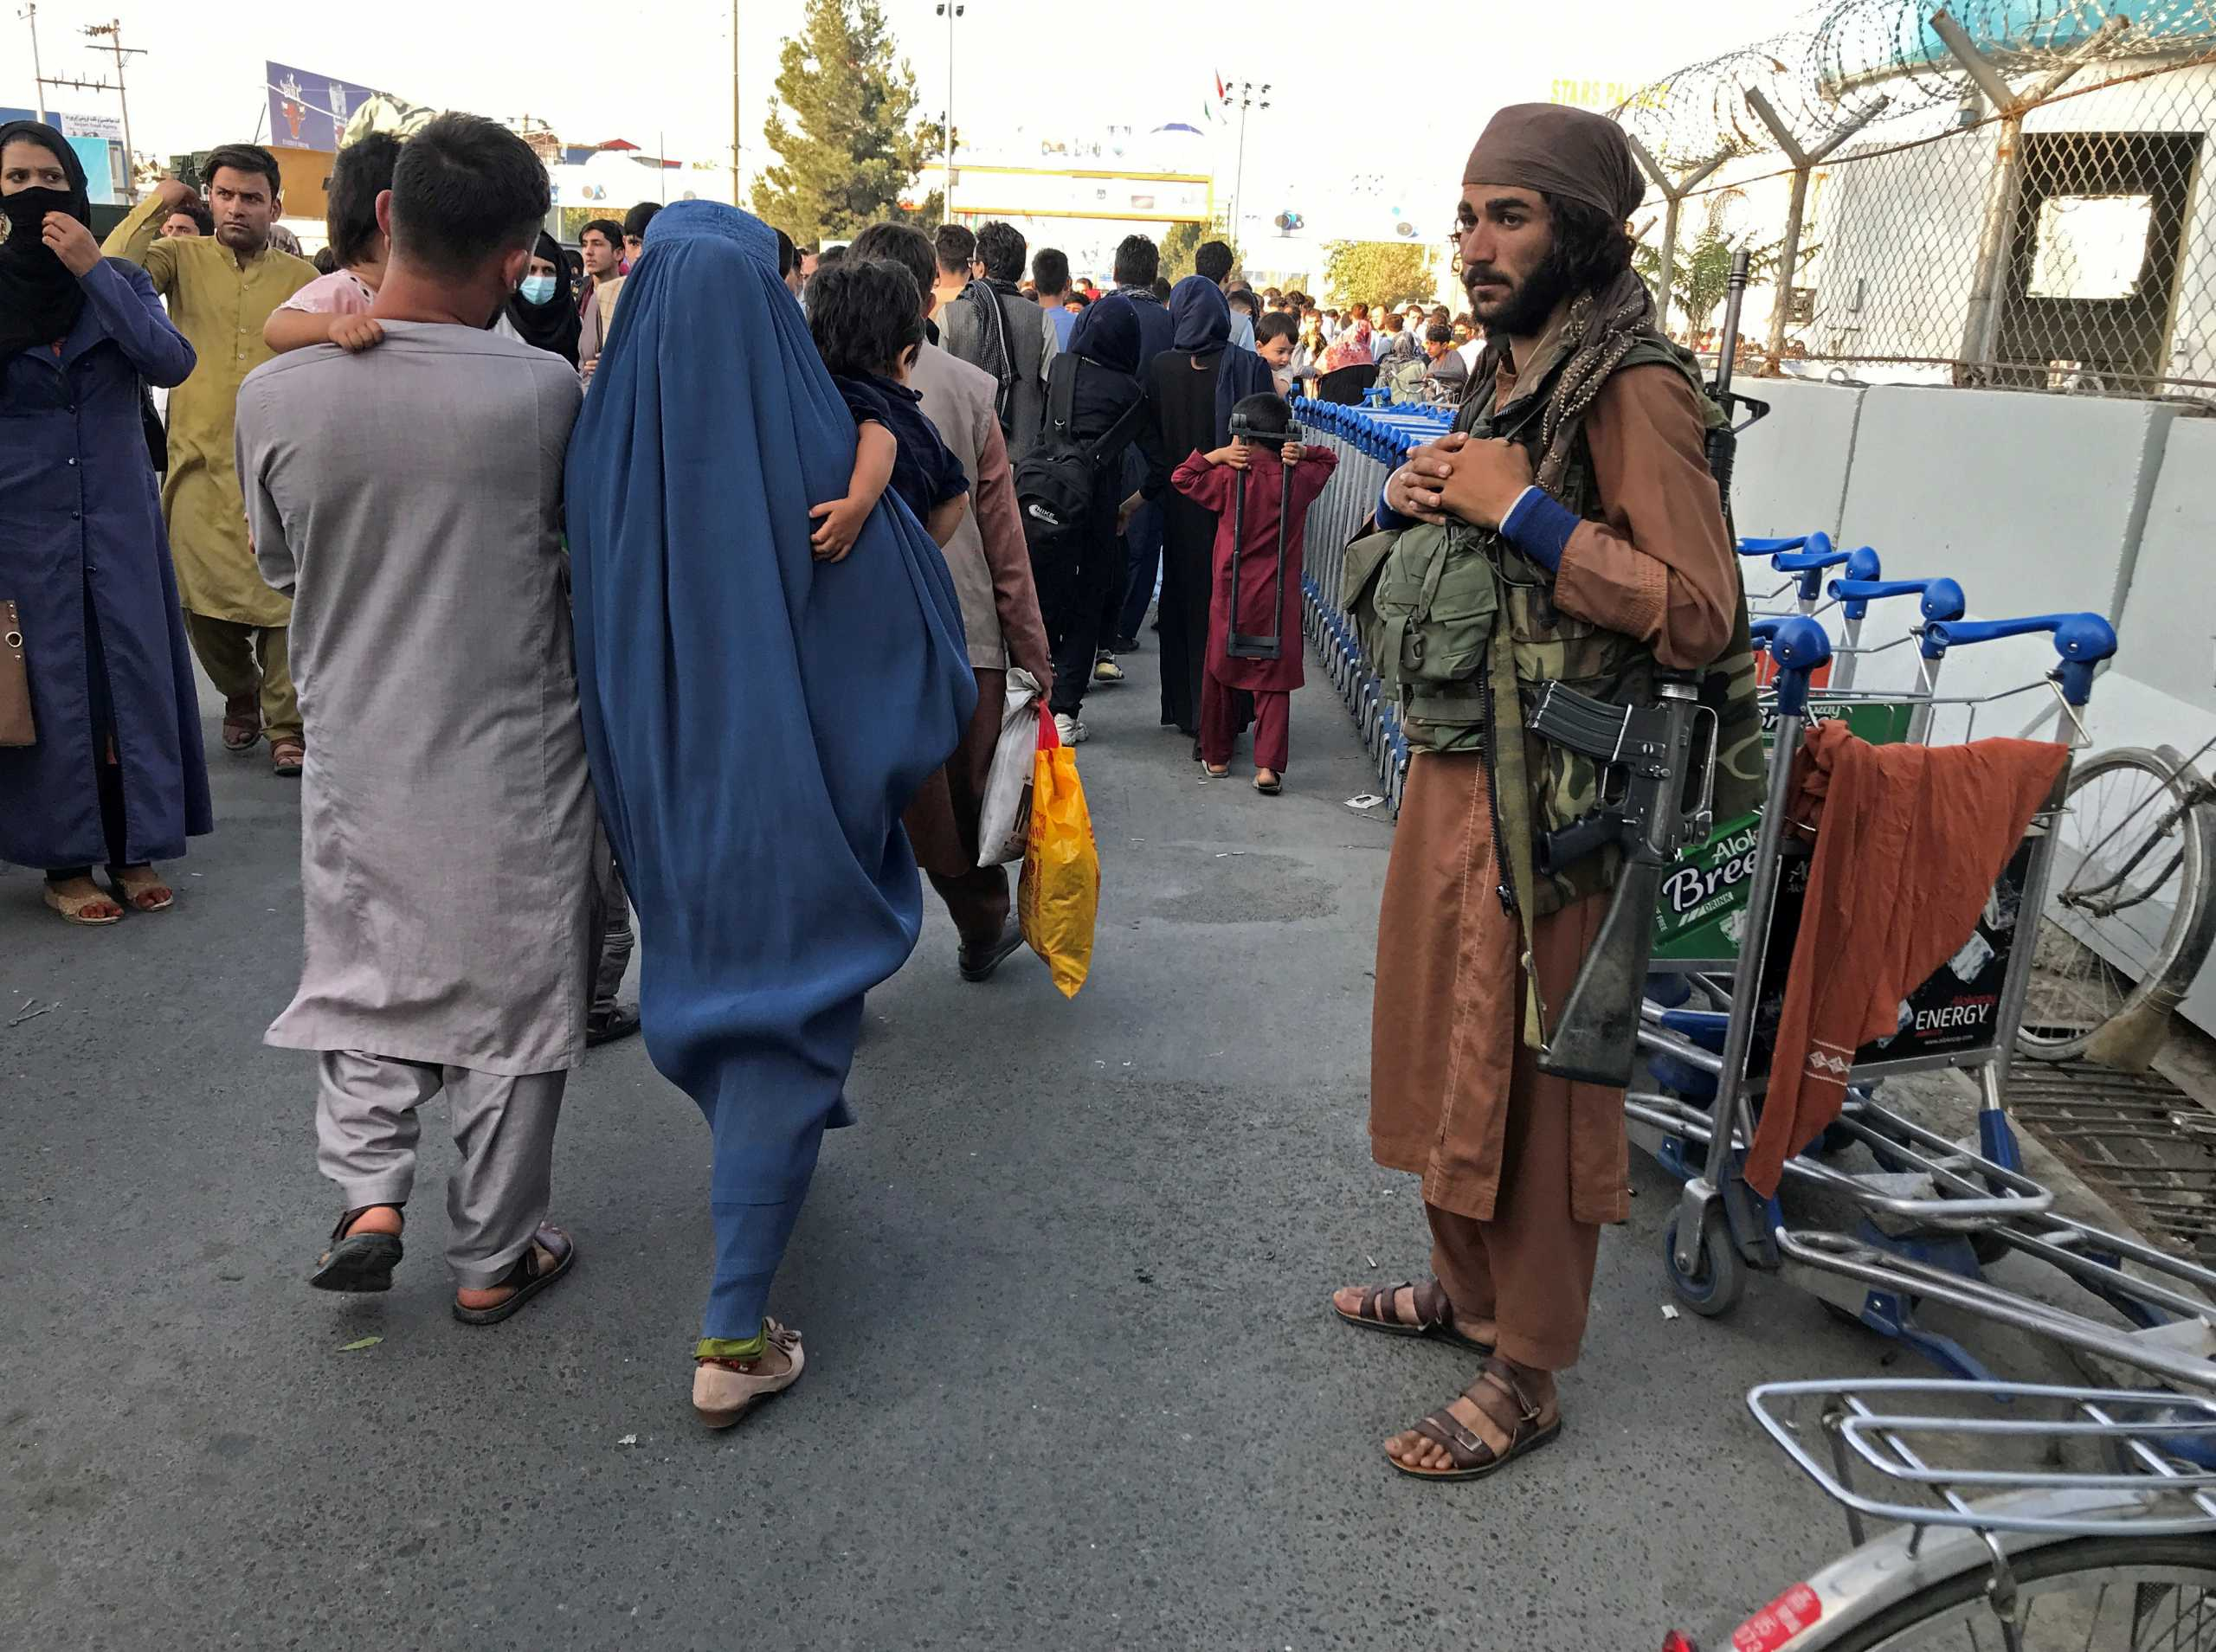 Αφγανιστάν: Ψάχνουν δανεικά και πολιτικές συμμαχίες οι Ταλιμπάν – Συνάντηση με τον Χαμίντ Καρζάι